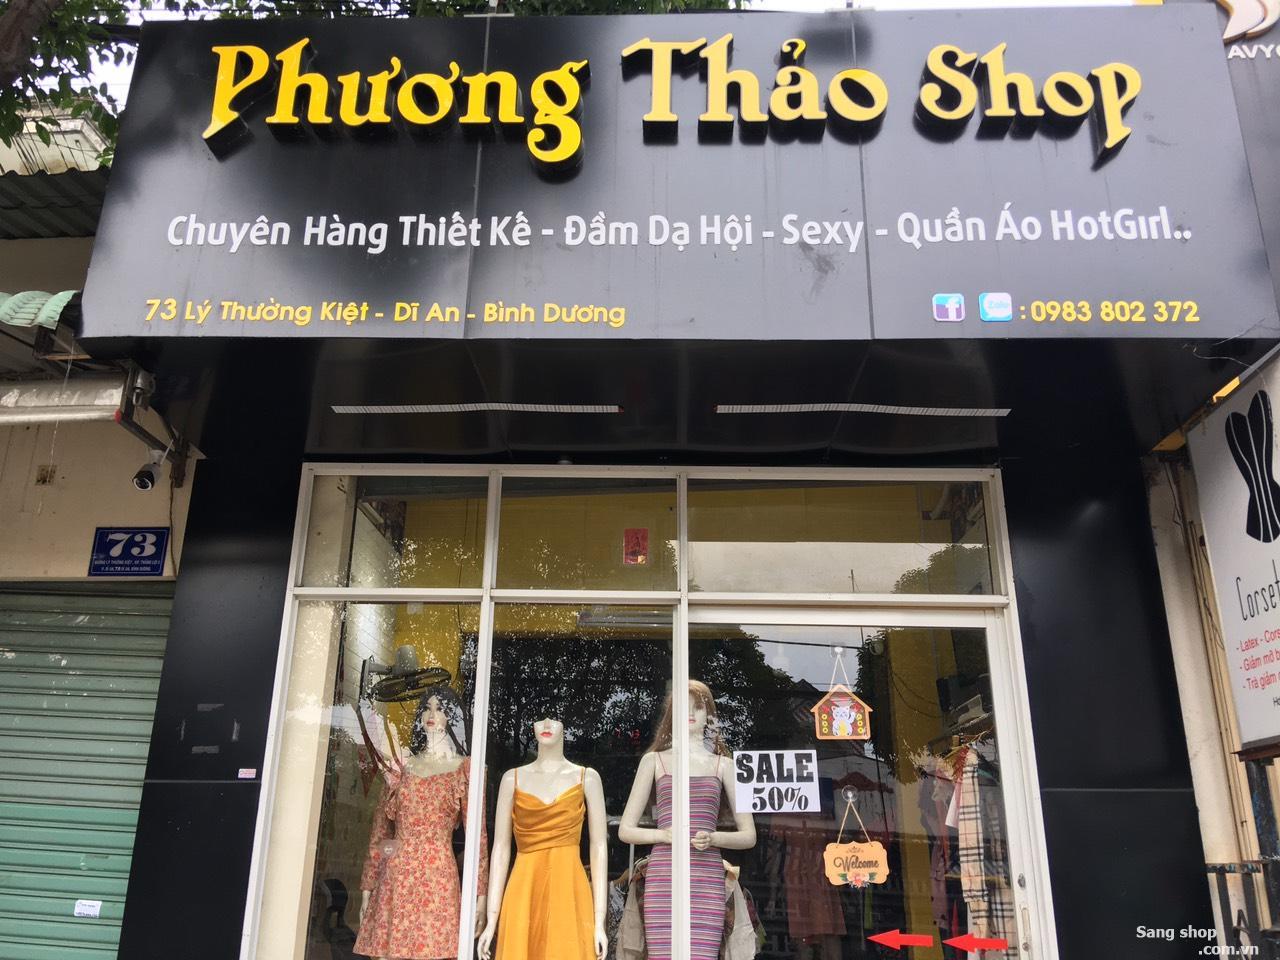 Sang shop 73 Lý Thường Kiệt. Dĩ An Bình Dương